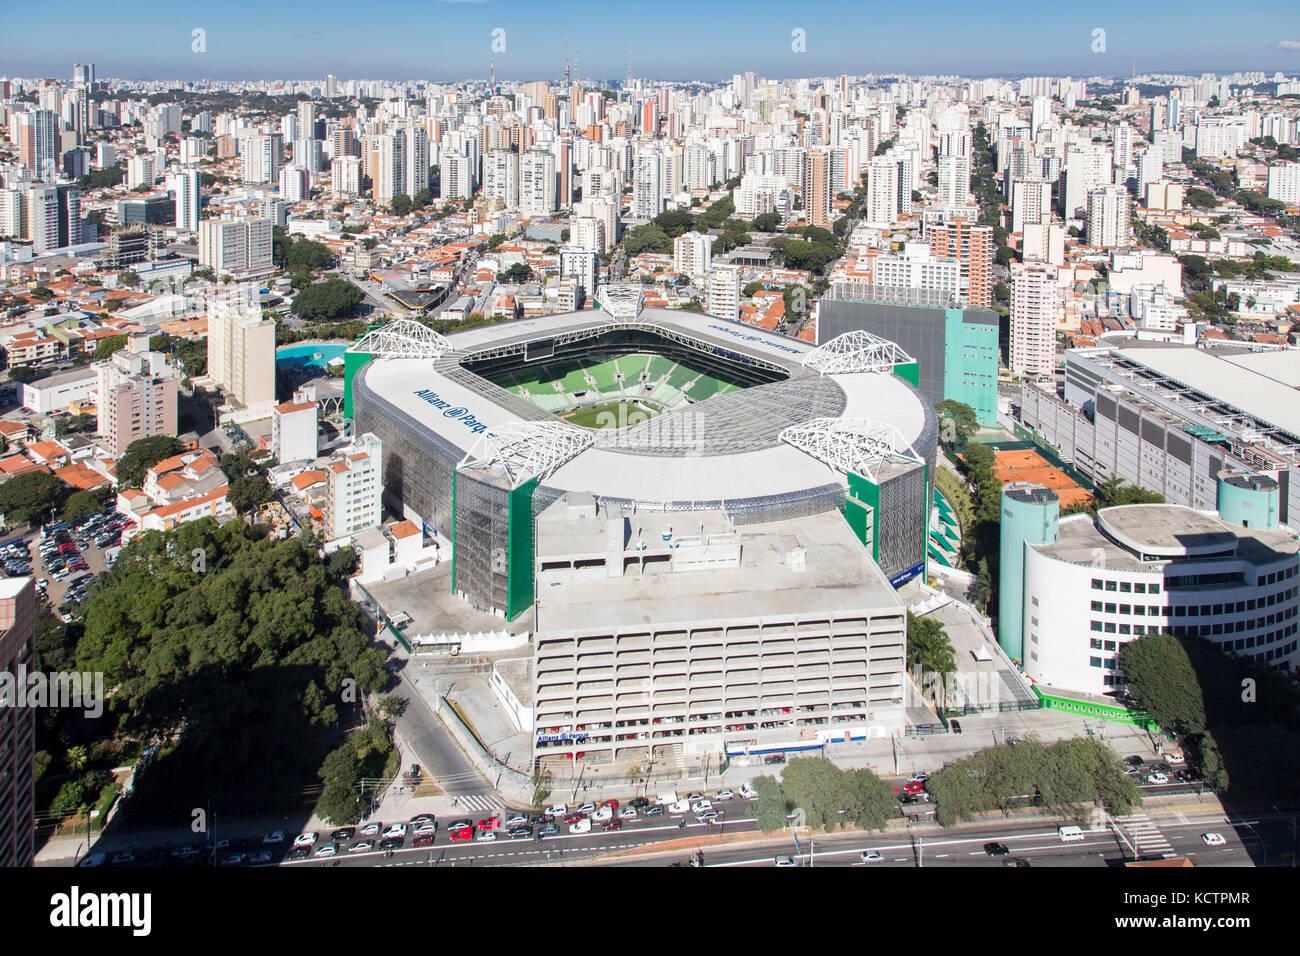 aerial view of Allianz Parque, in the city of São Paulo - Brazil. Soccer stadium of Sociedade Esportiva Palmeiras - Stock Image